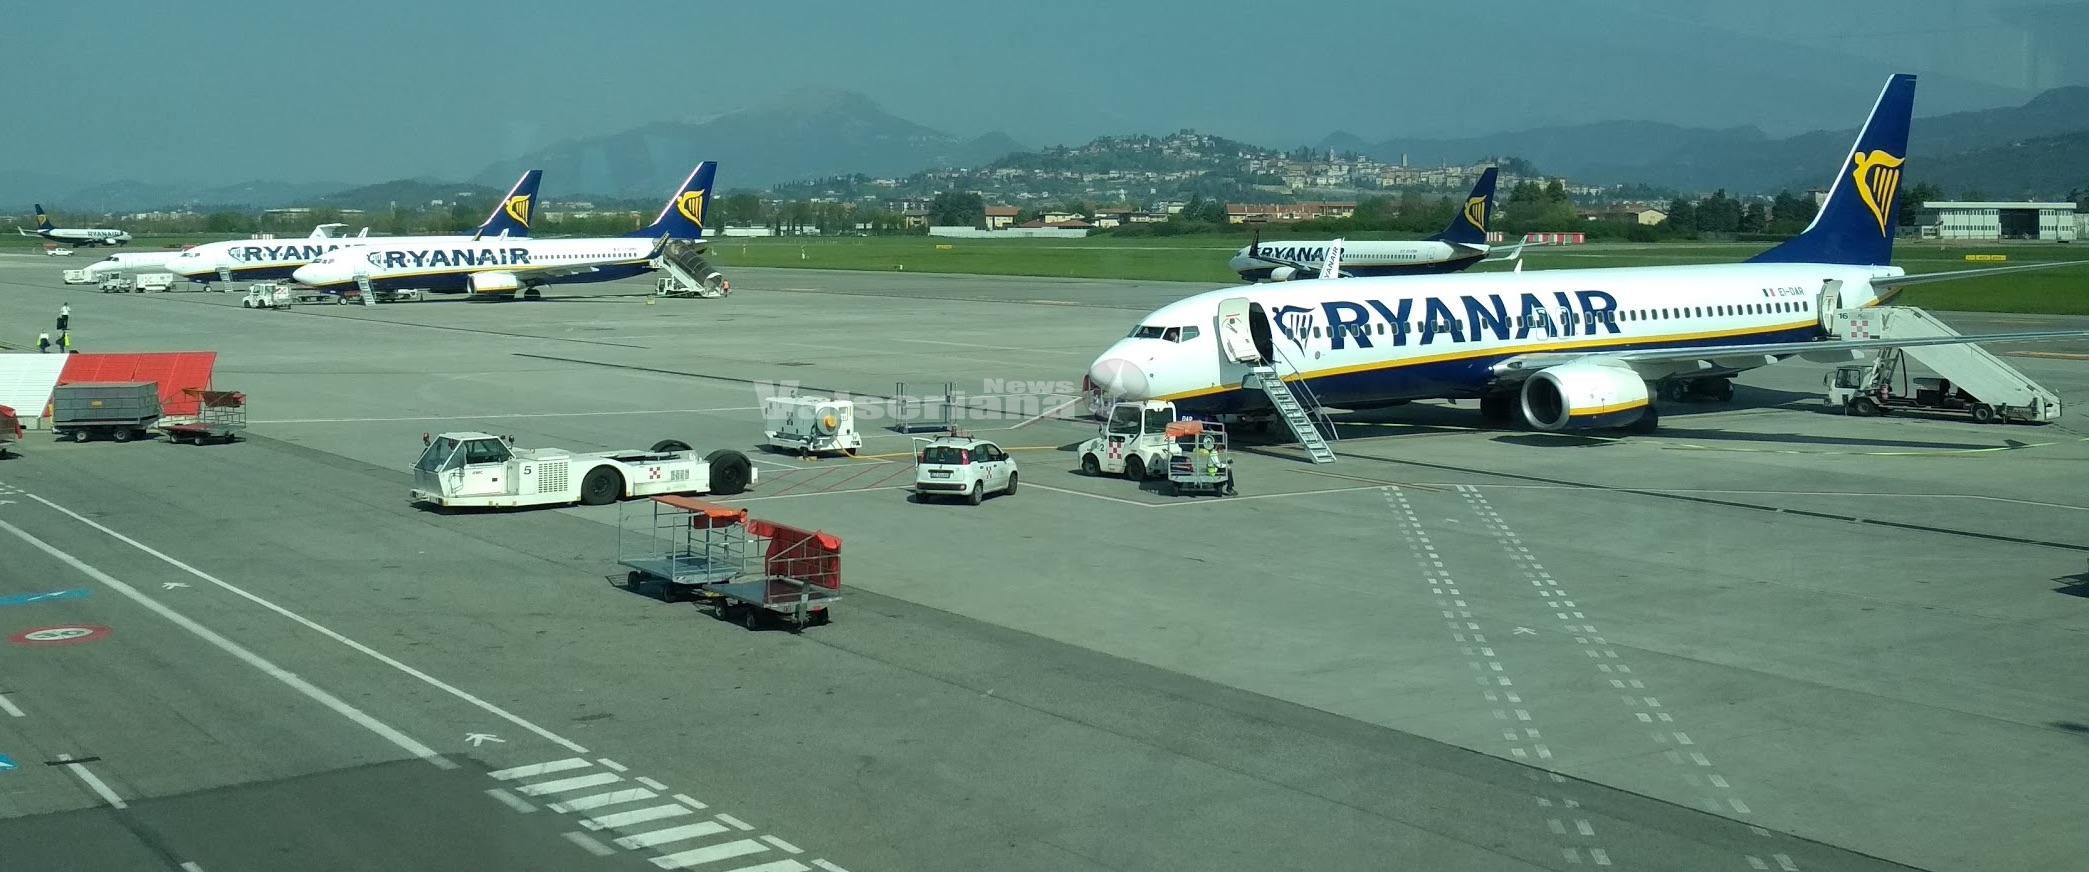 Aeroporto Orio : Pubblicità aeroporto malpensa e linate pubblicità aeroporto orio